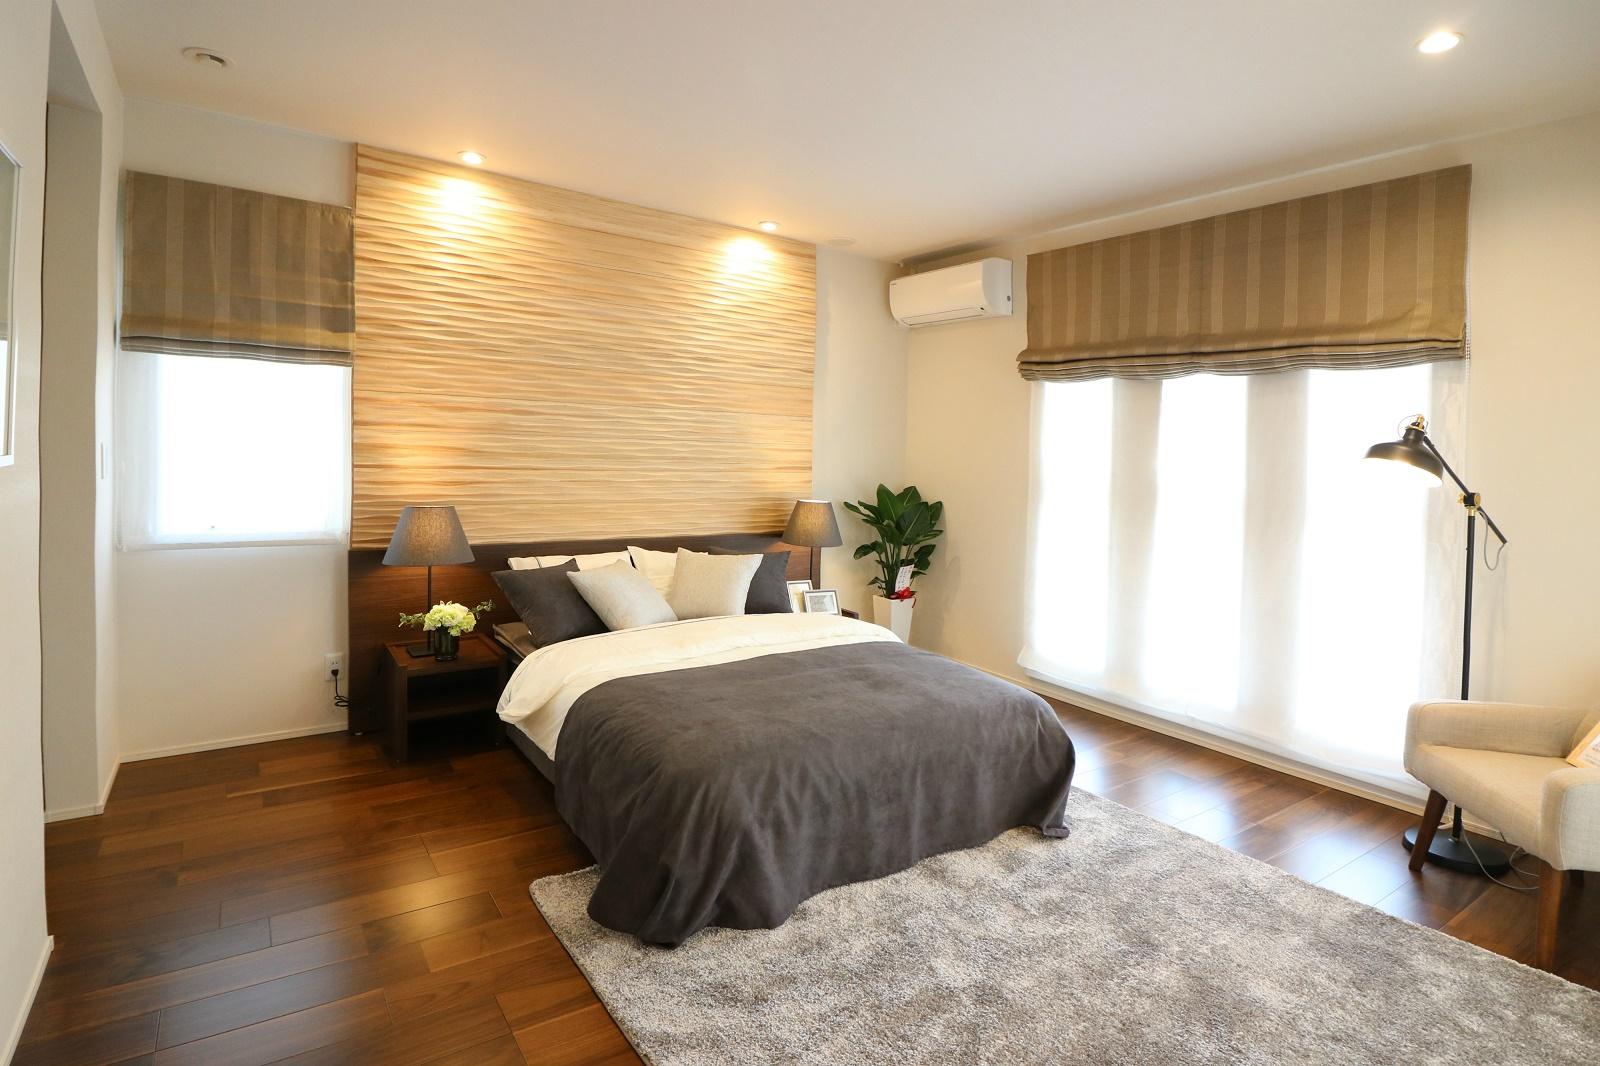 ゆったりとした広さで、落ち着いた雰囲気のある主寝室。1日の疲れを癒すスペースです。